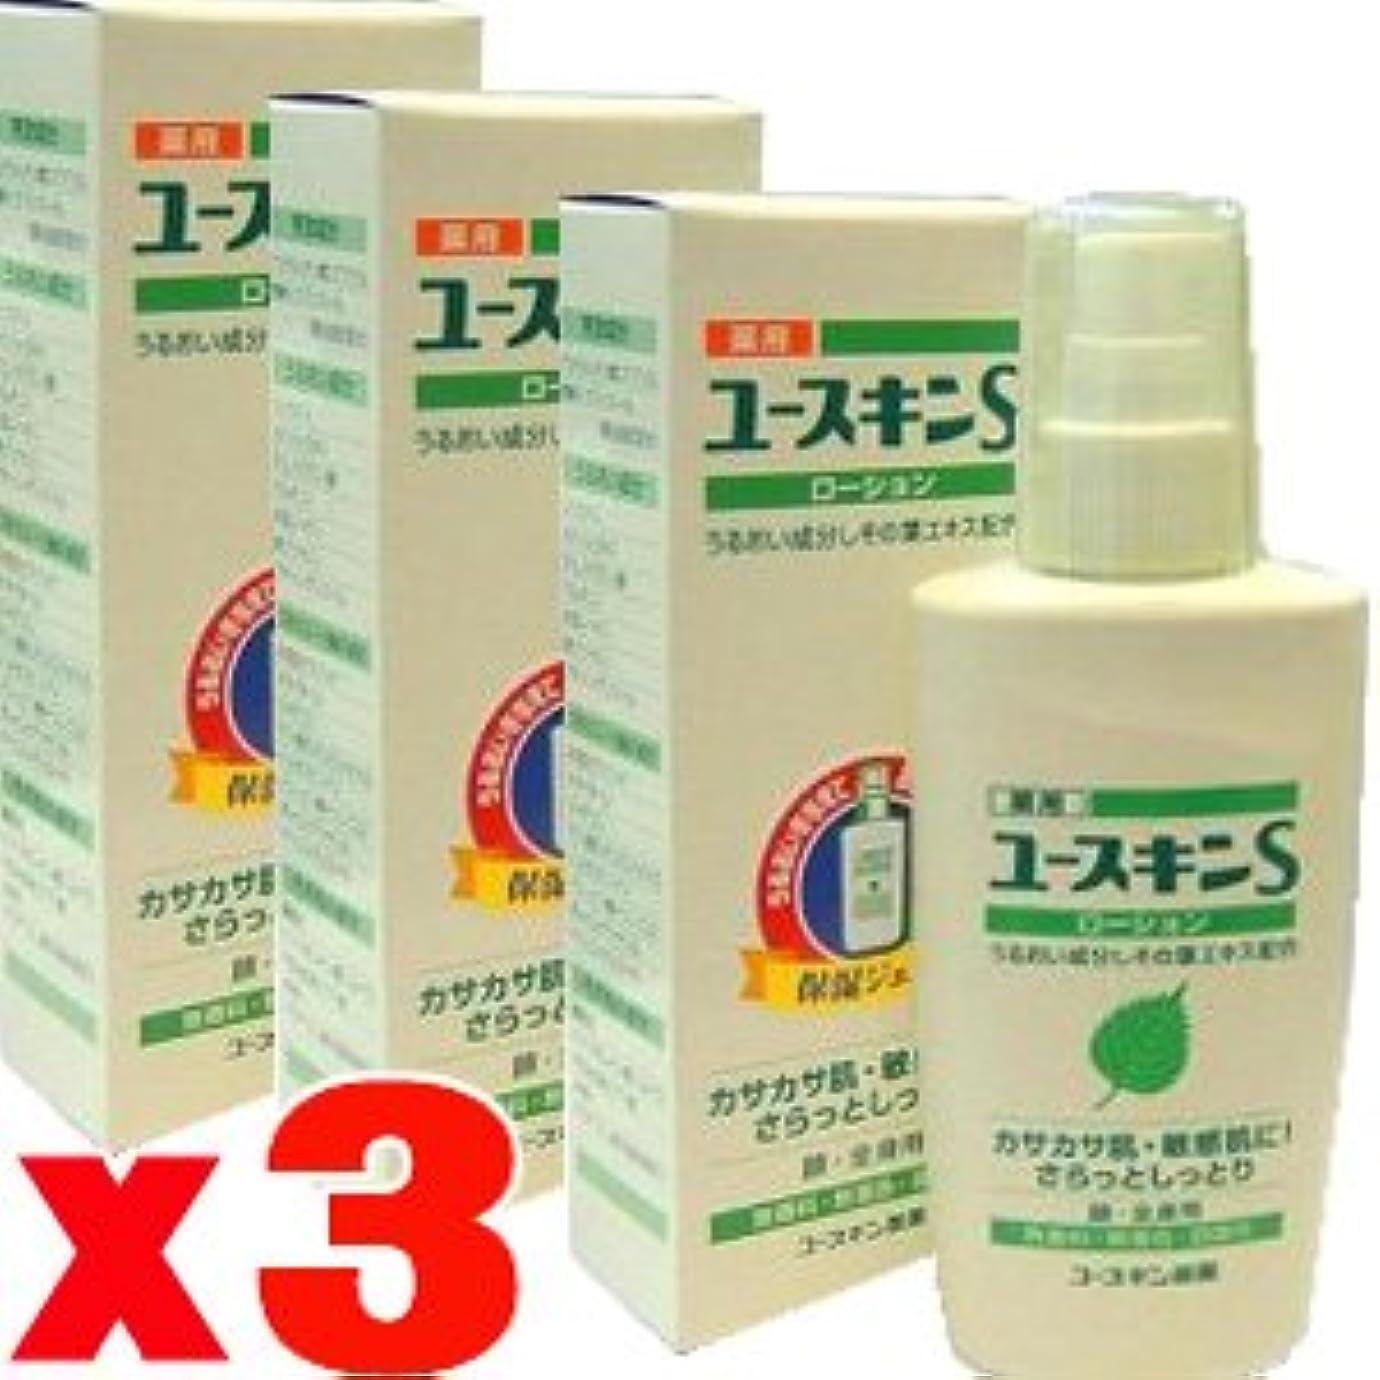 身元サイレント大使【3個】 薬用 ユースキンSローション 150ml ×3個セット 4987353010312